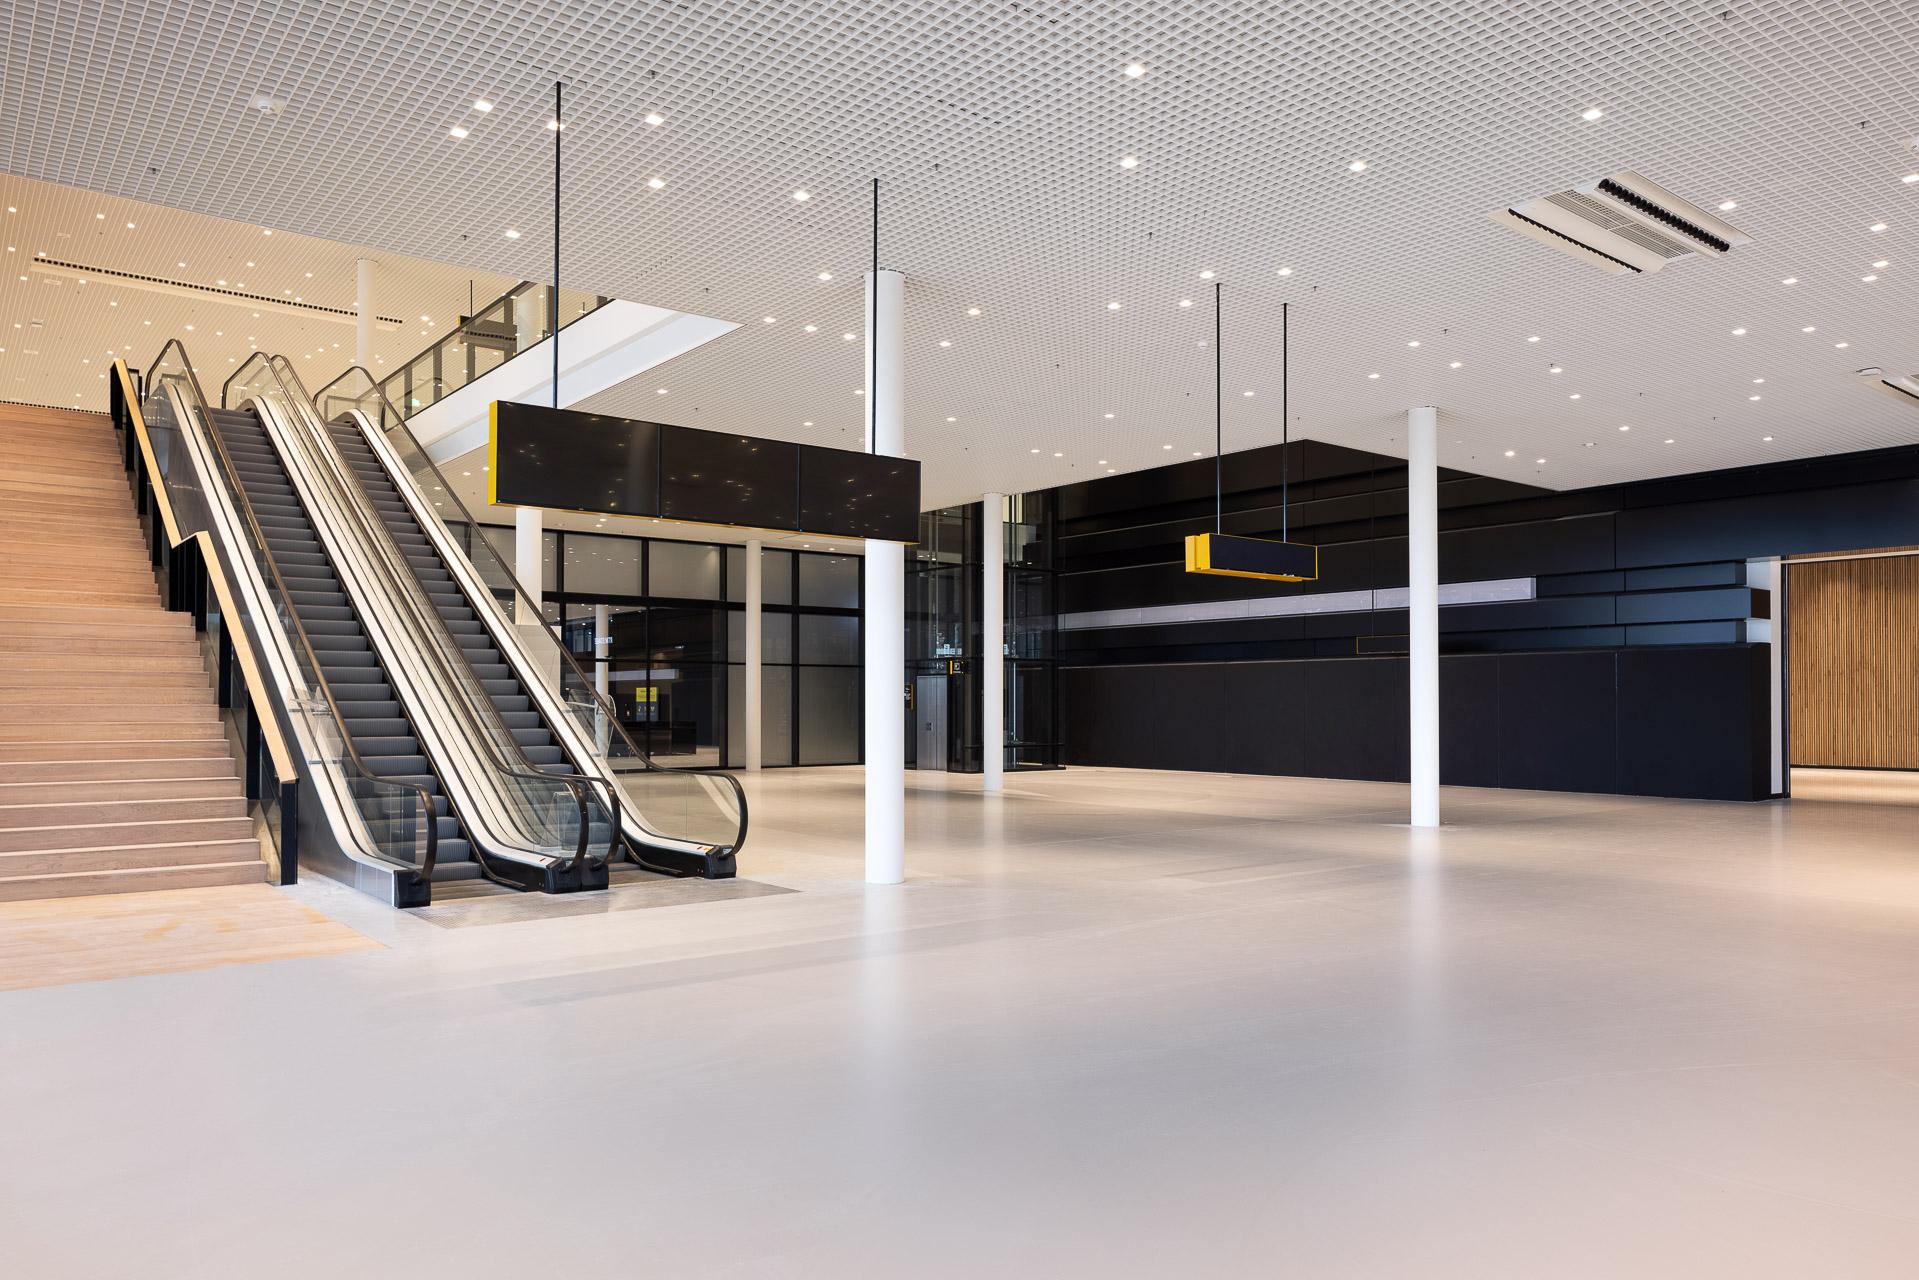 SP2020-Rotterdam-Ahoy-Convention-Centre-Interieur-1-Architectuur-fotografie